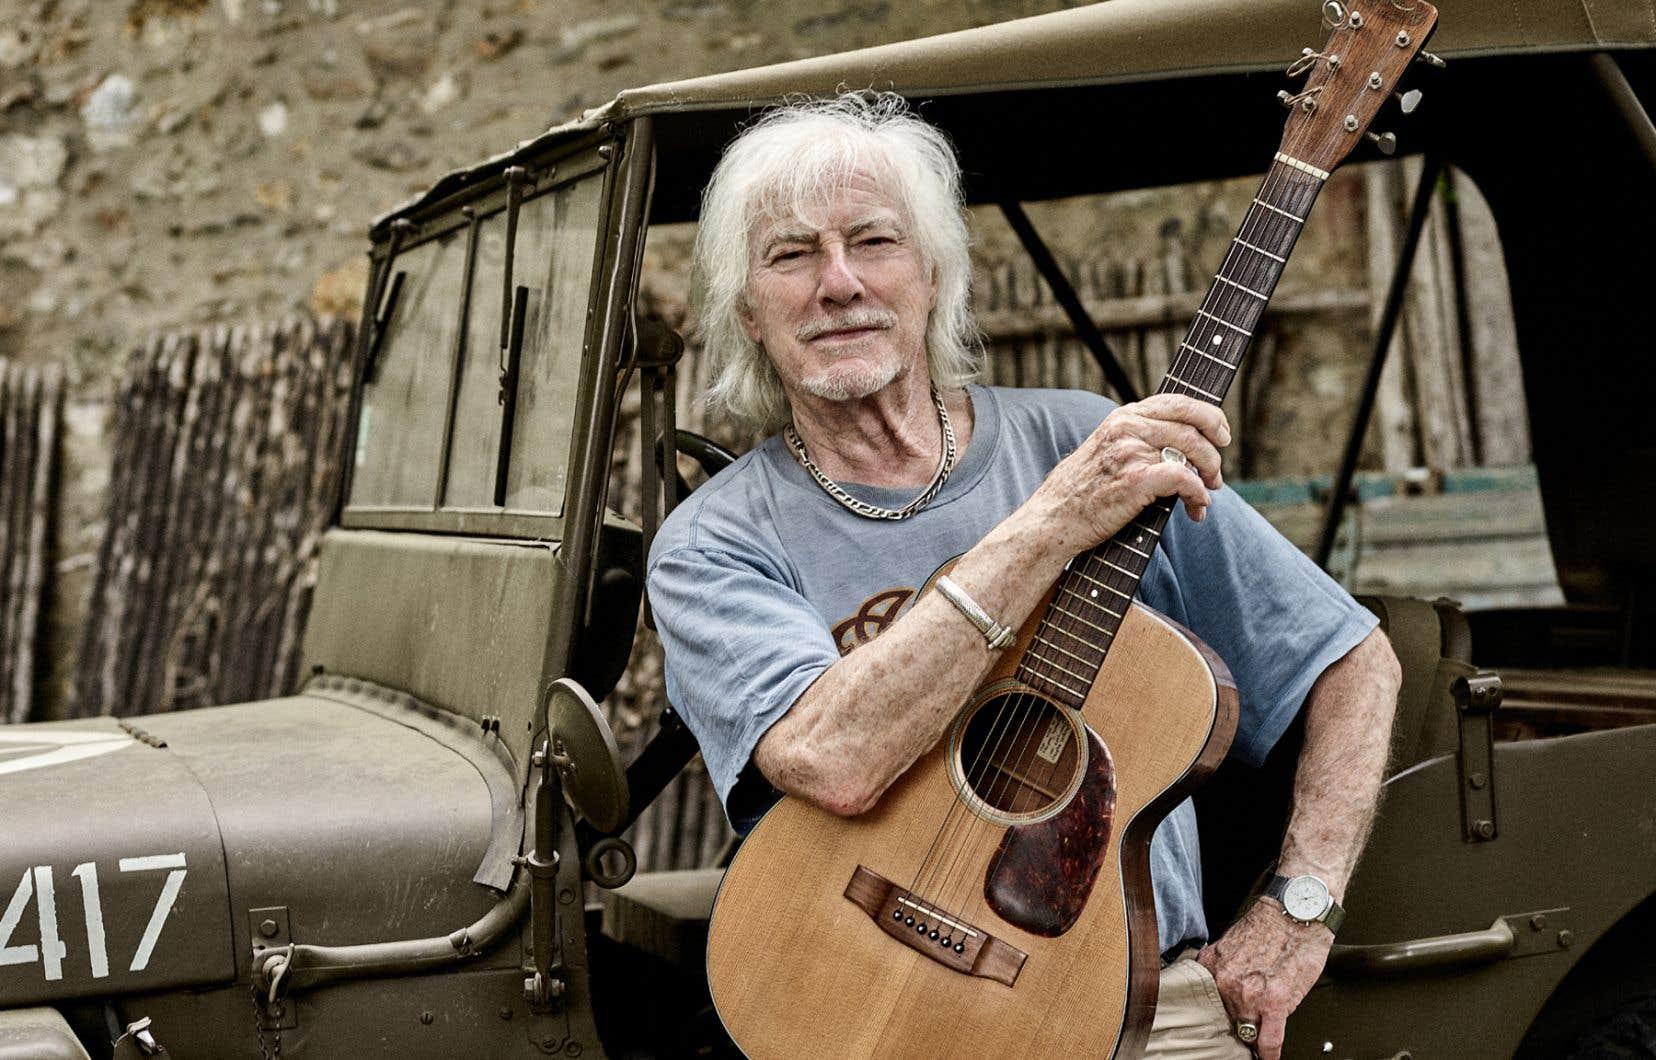 À 90 ans, Hugues Aufray ne semble pas vouloir s'arrêter. Il continue d'enregistrer des chansons et de monter sur scène.